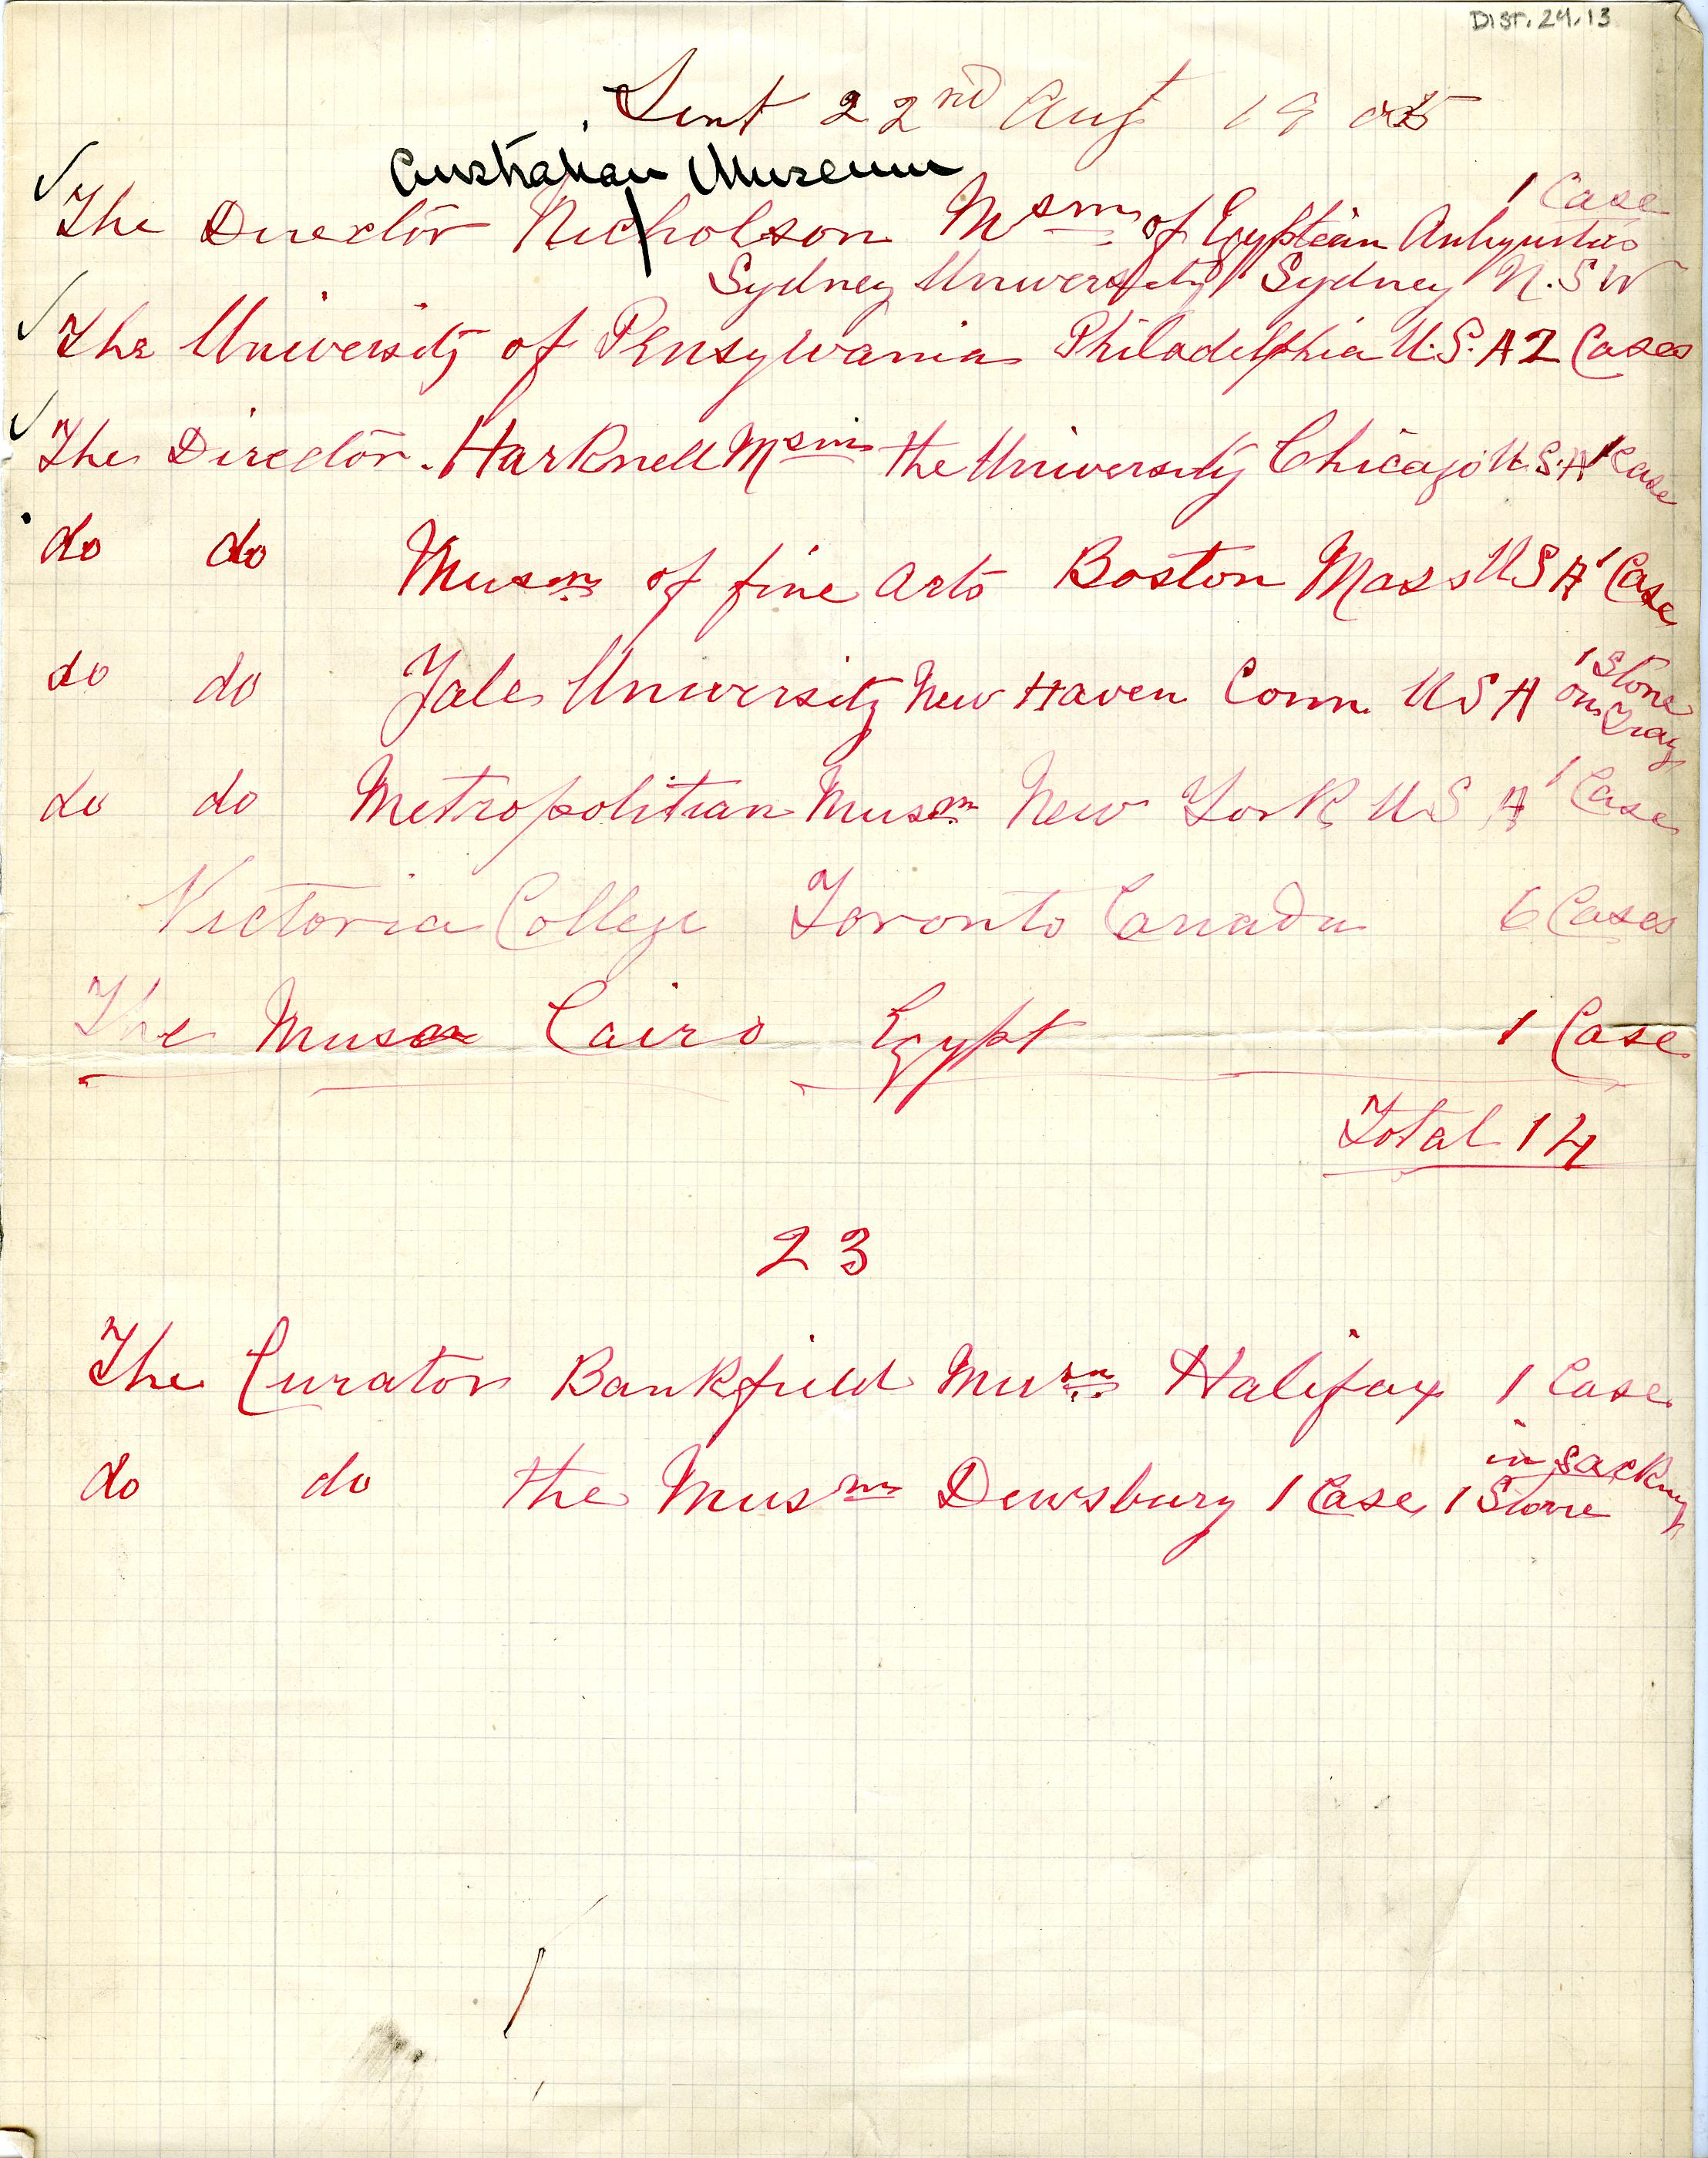 1904-05 Deir el-Bahri, Sinai, Oxyrhynchus DIST.24.13